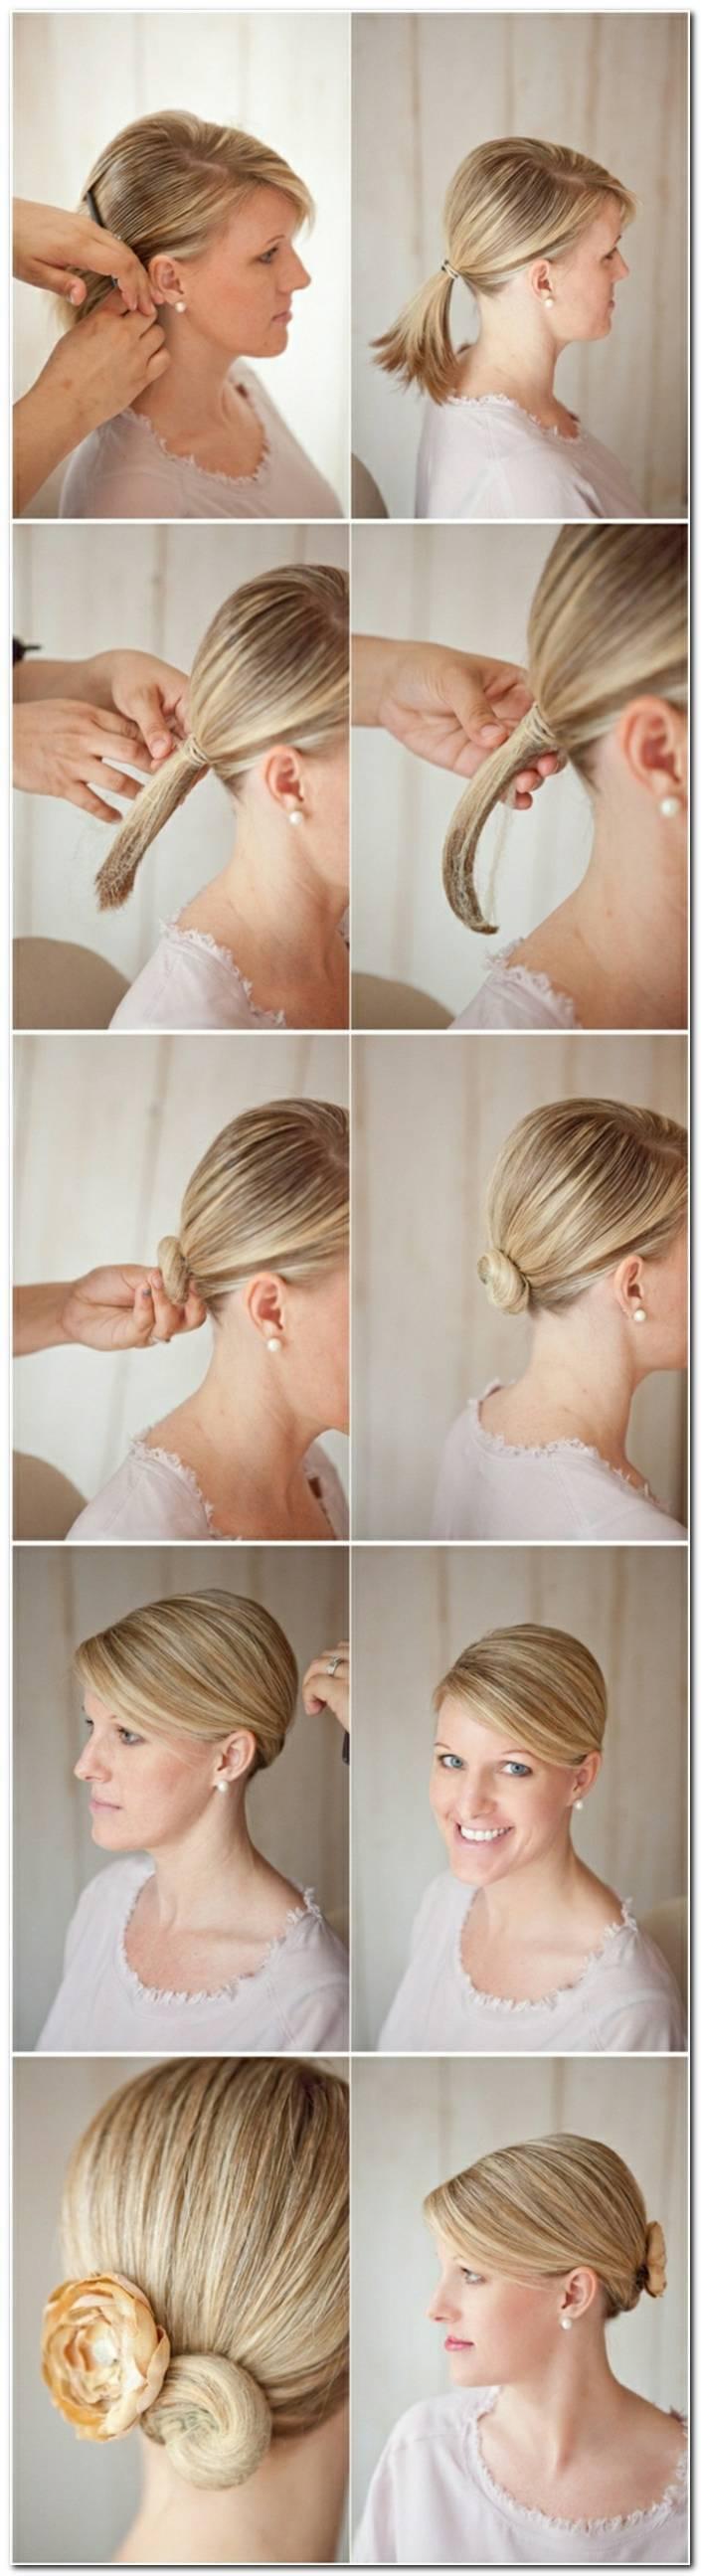 Frisuren Zum Selber Machen FüR Feines Haar